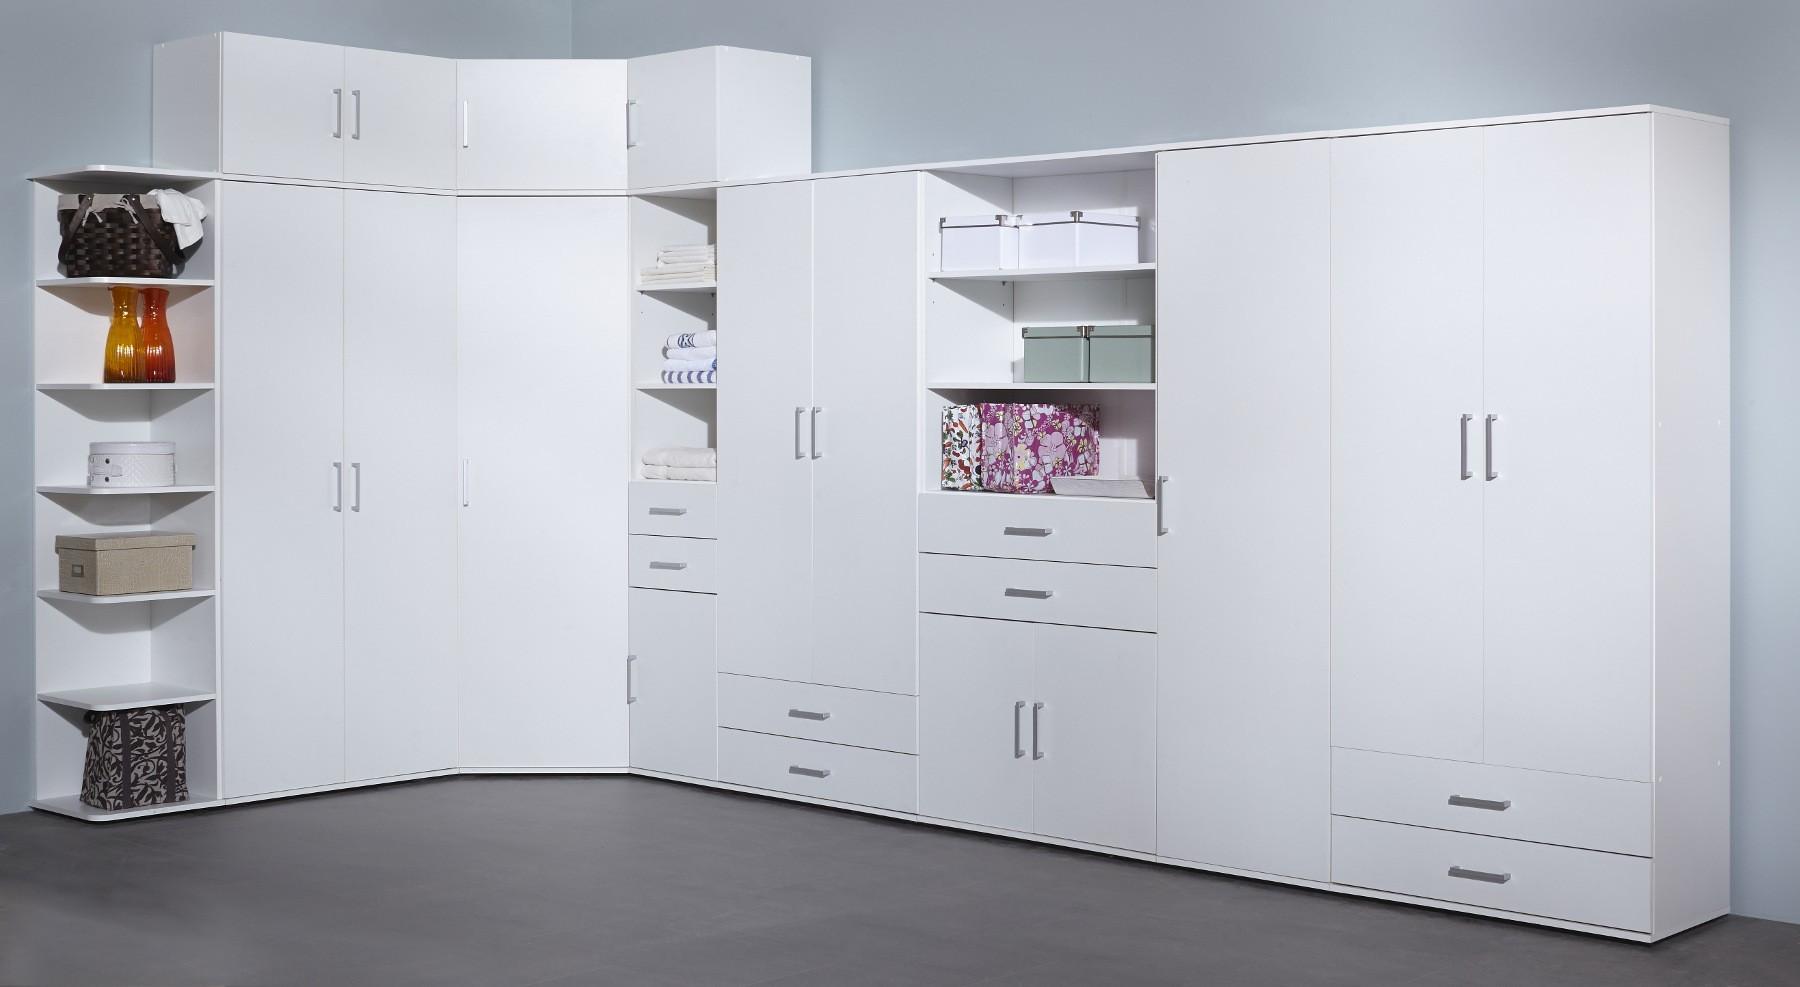 neu mehrzweckschrank ronny aufbewahrungsschrank schuhschrank mit 2 t ren wei ebay. Black Bedroom Furniture Sets. Home Design Ideas